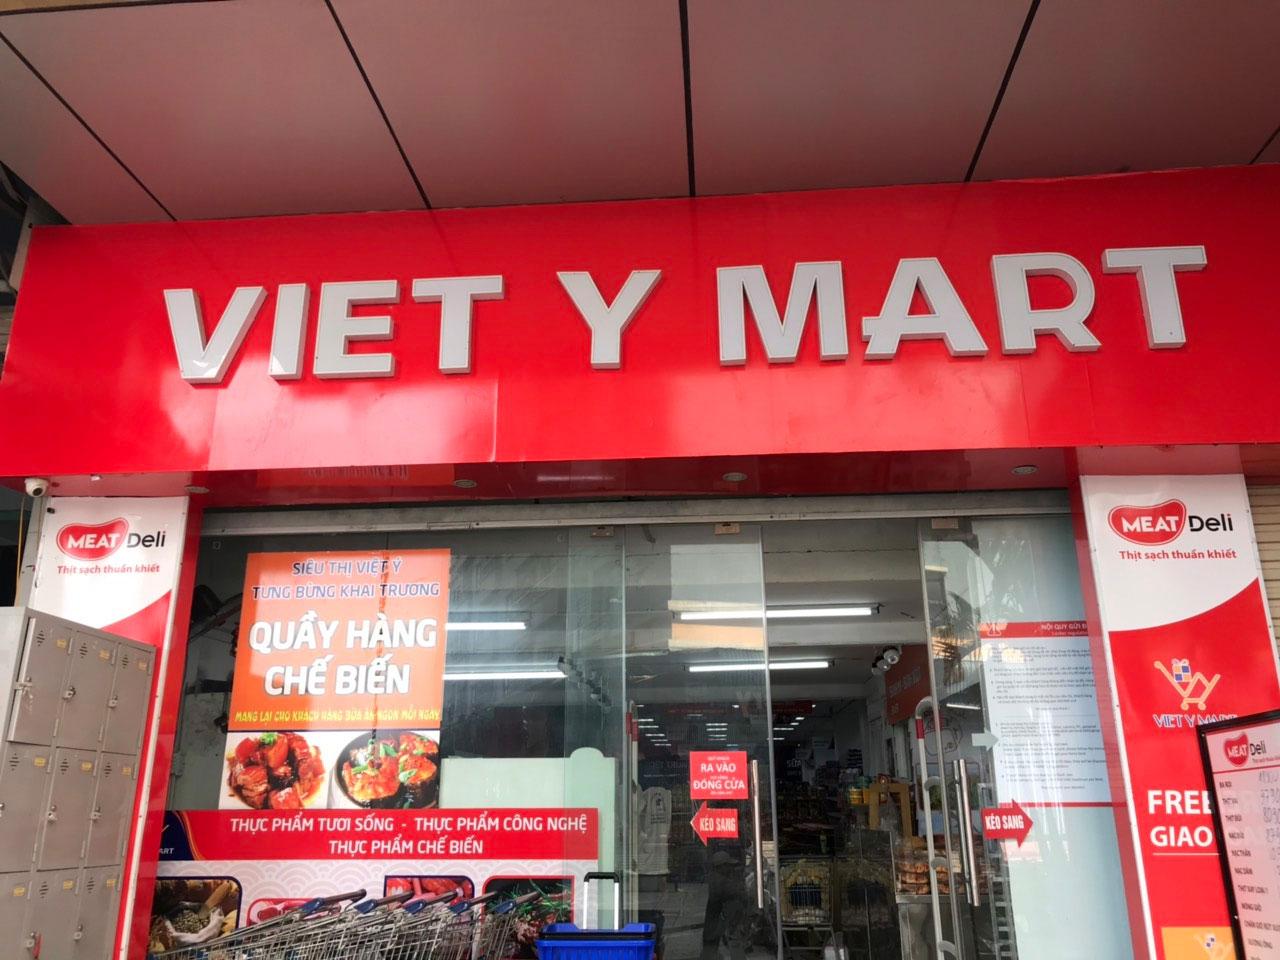 siêu thị Việt Ý Mart